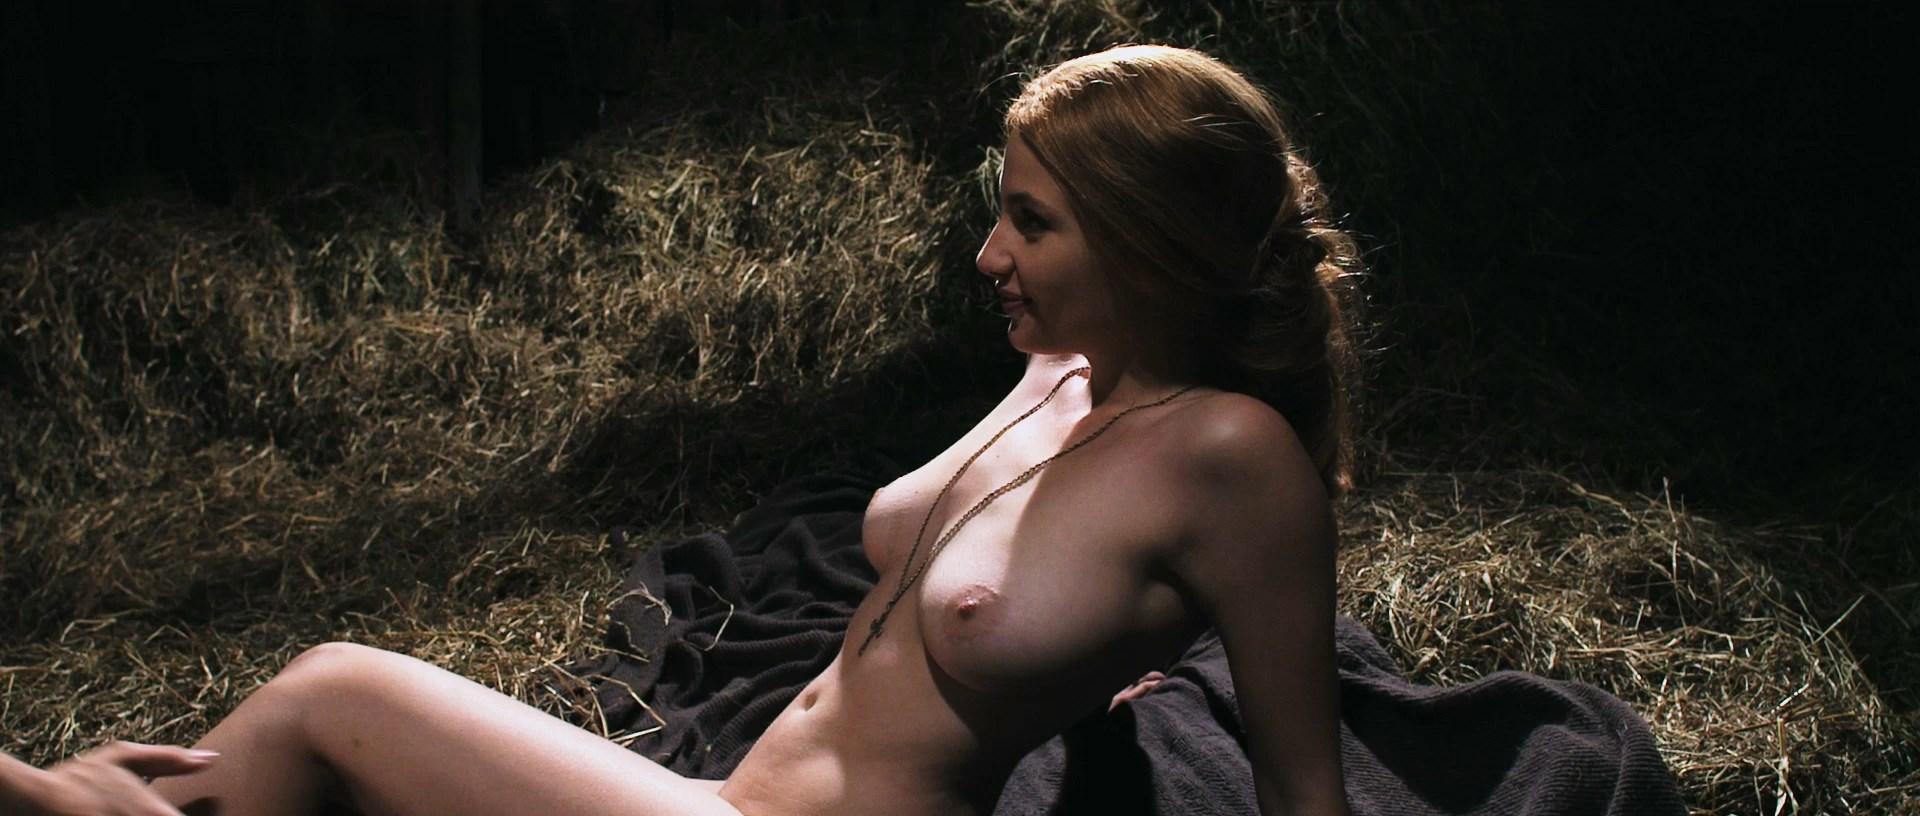 female-dracula-naked-seduction-pics